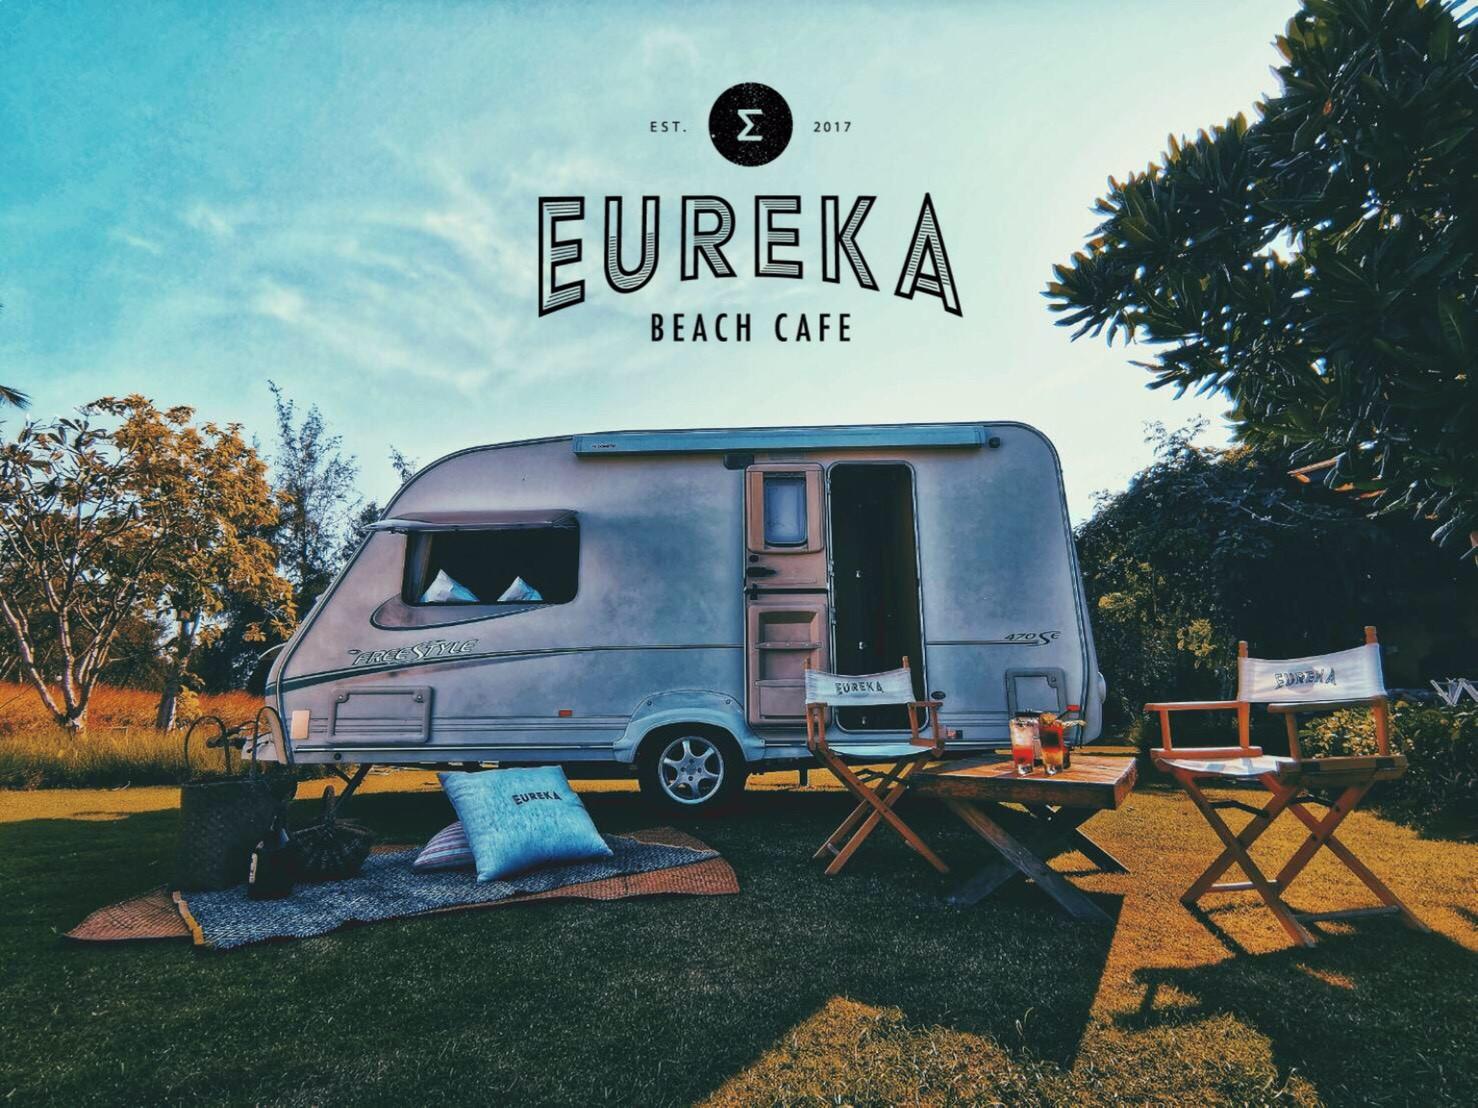 รถบ้าน Type B - Eureka Beach Cafe